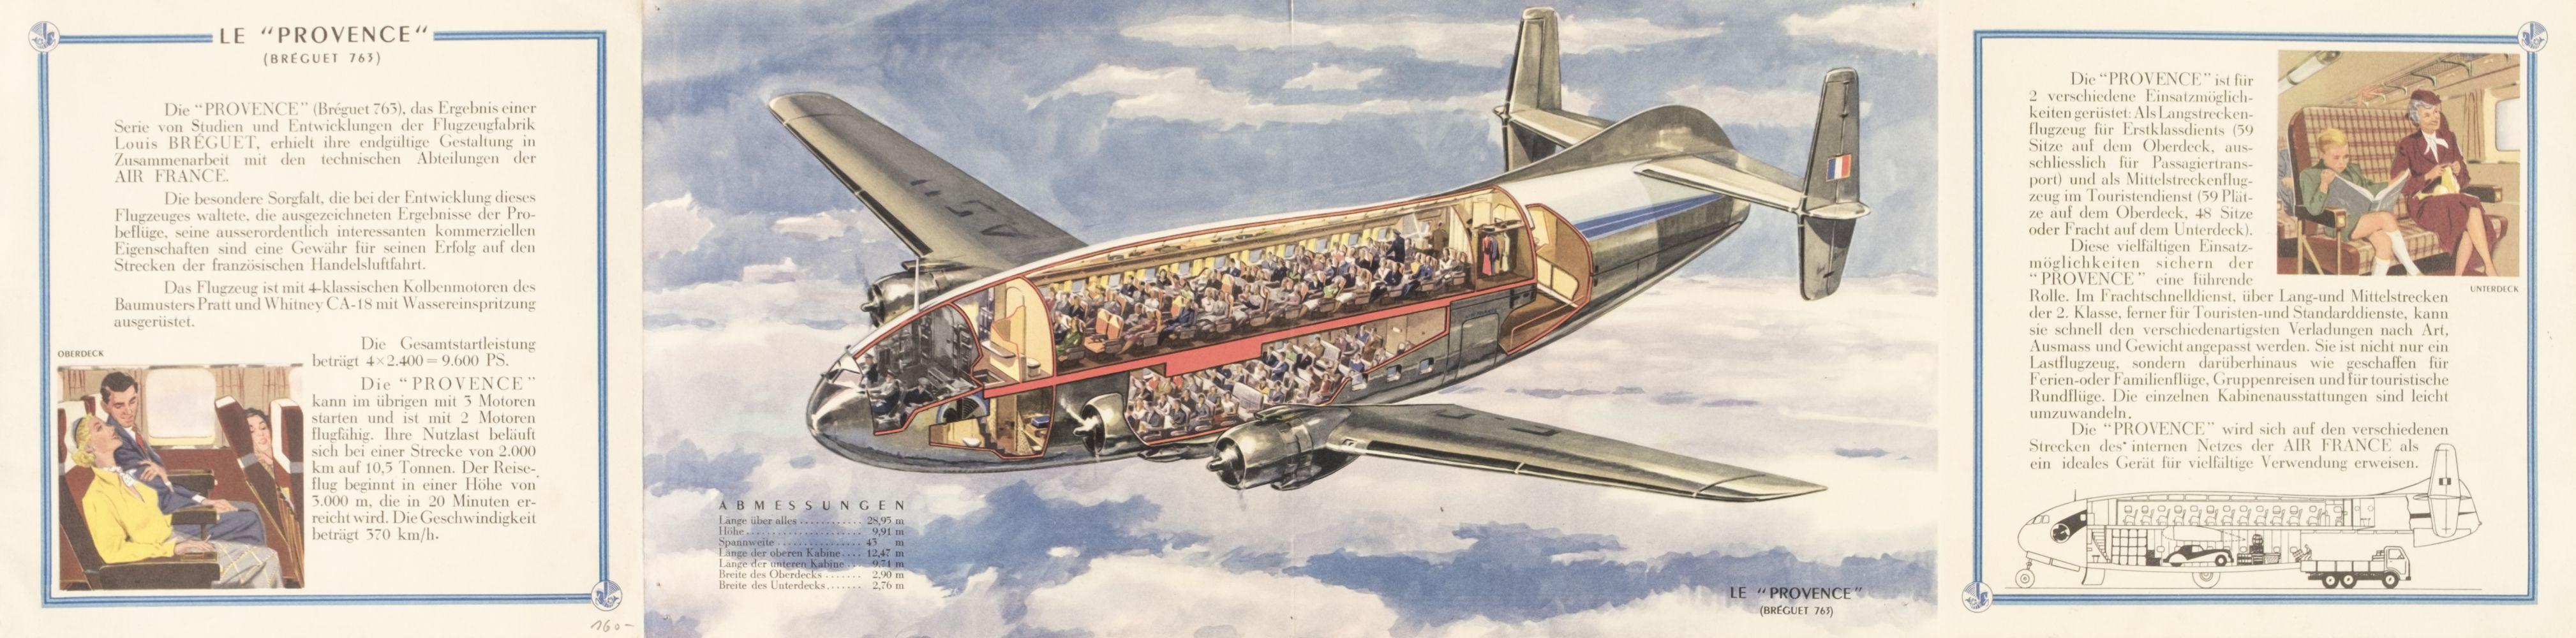 * Civil Aviation. Air France - Breguet